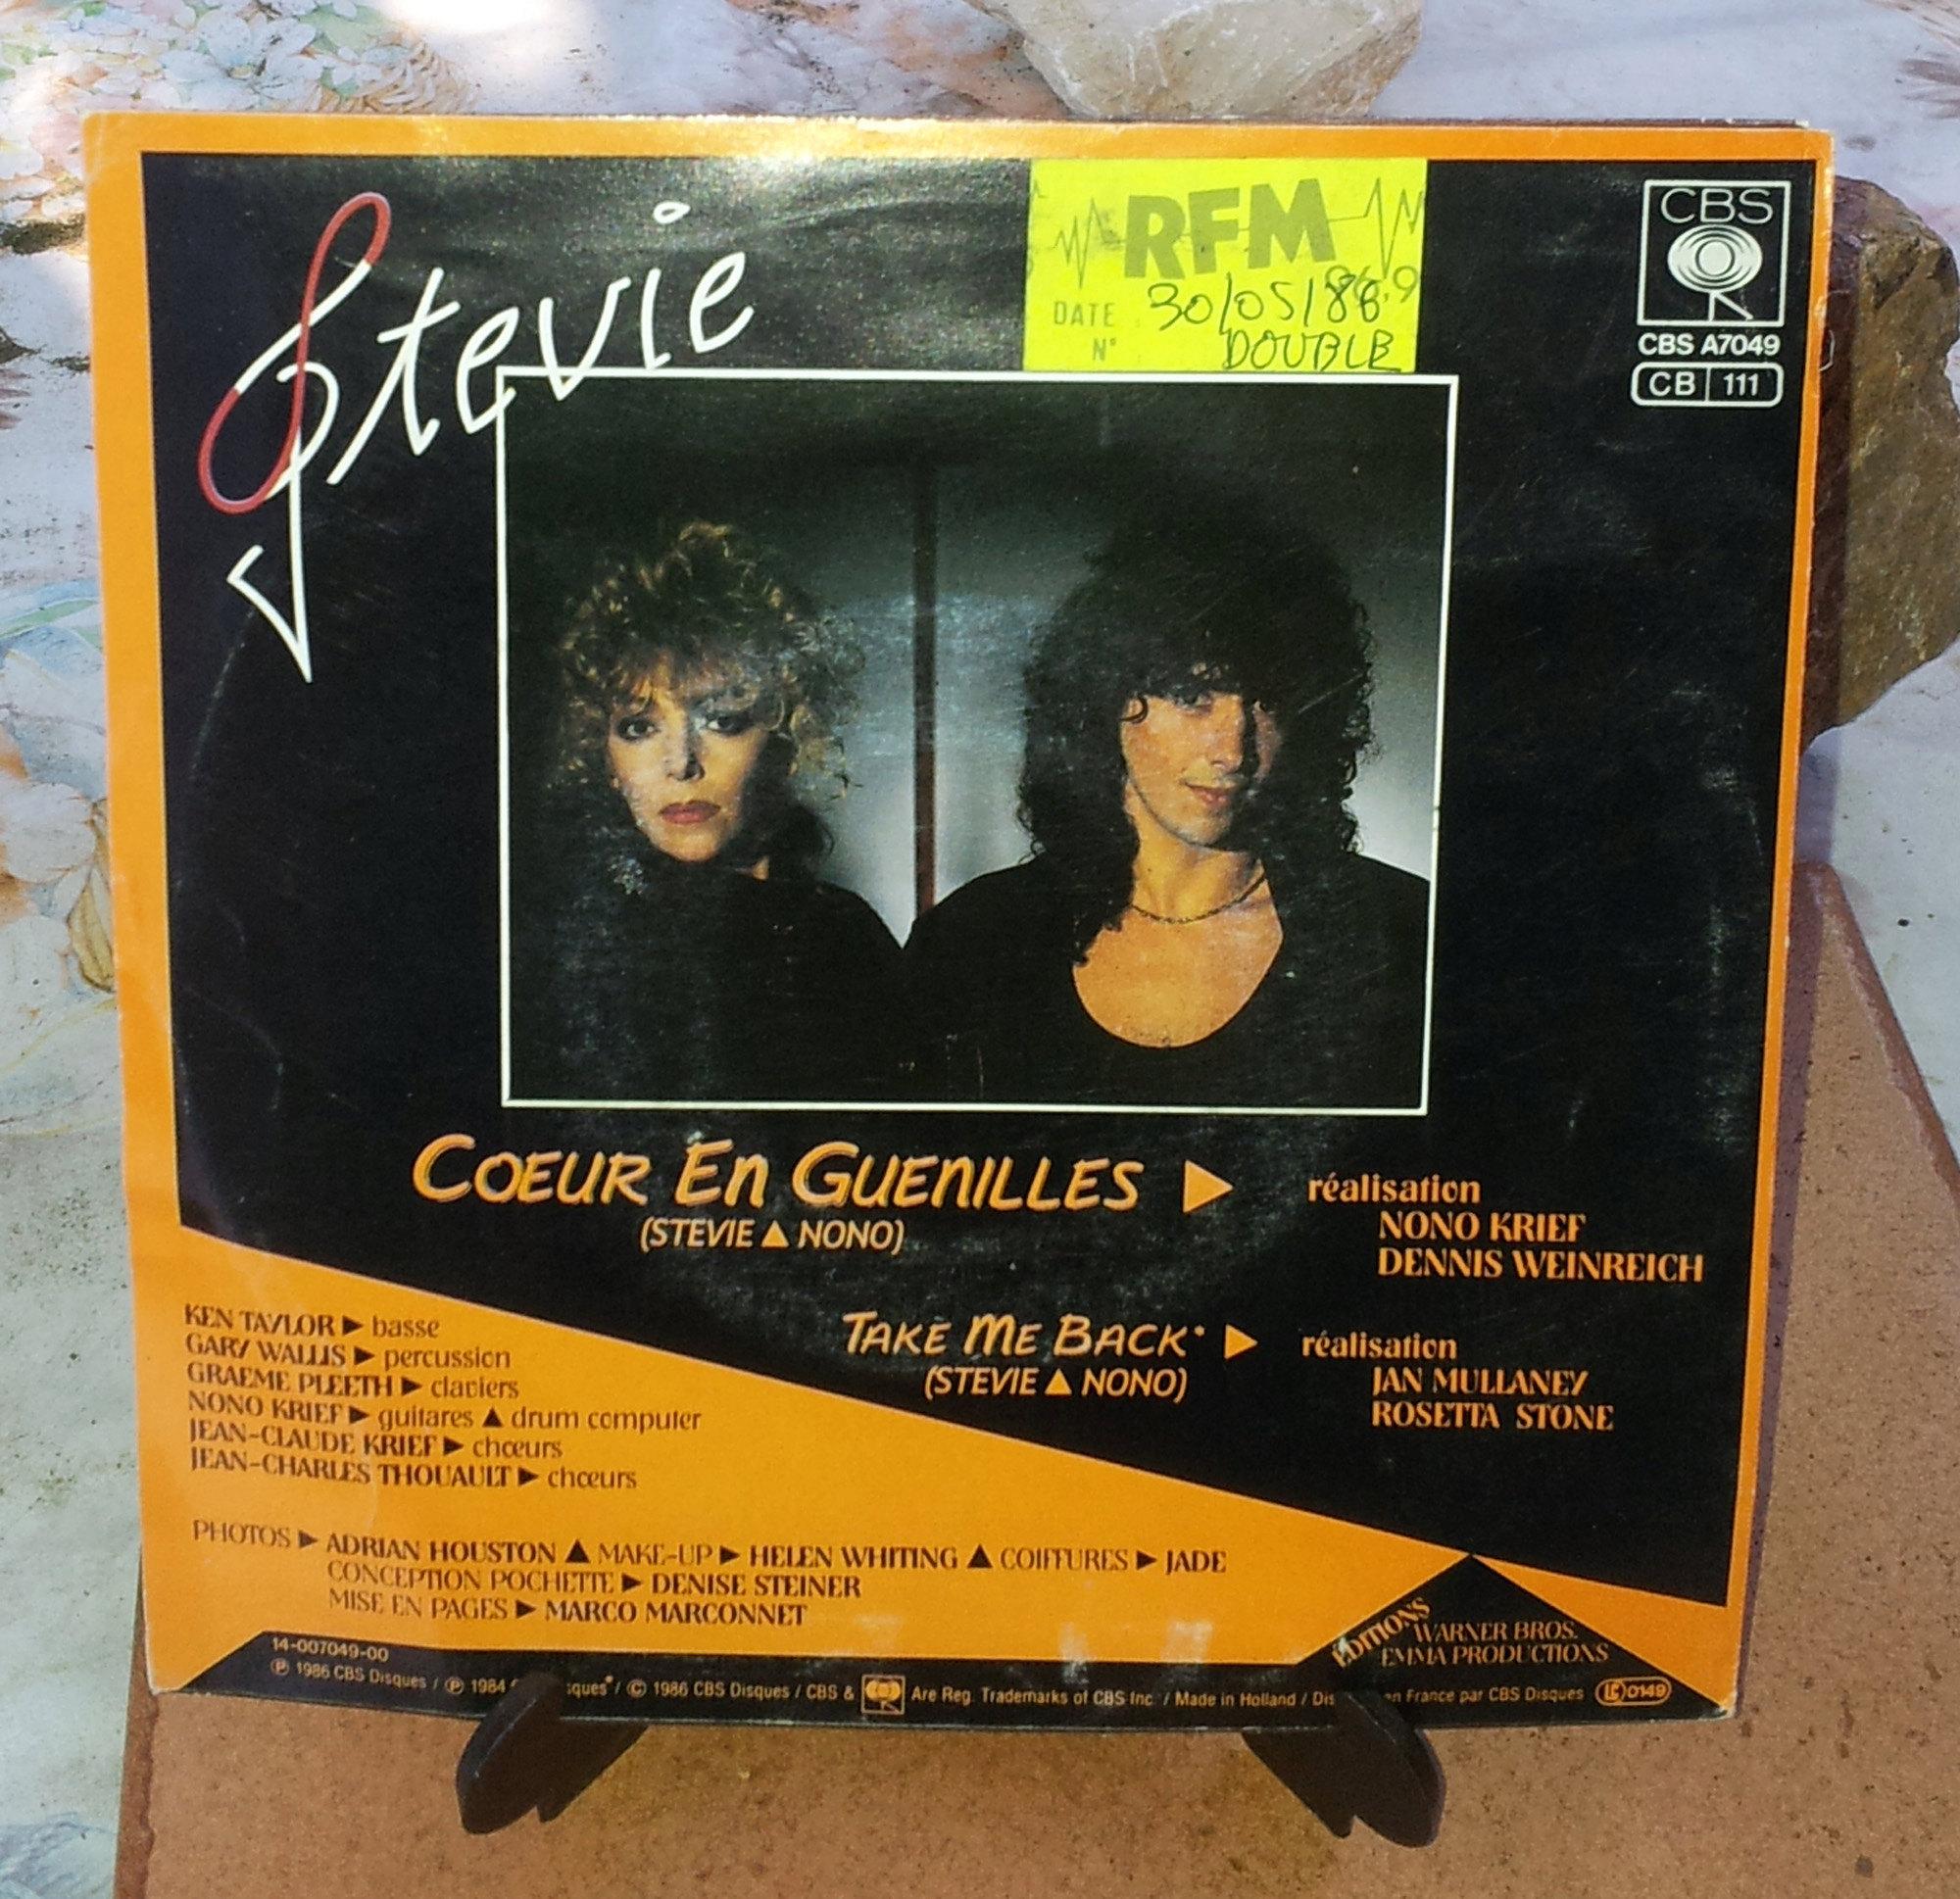 STEVIE Coeur en guenilles (1986) 45 tours - le vinyle vu de plus près ...  Stevie12